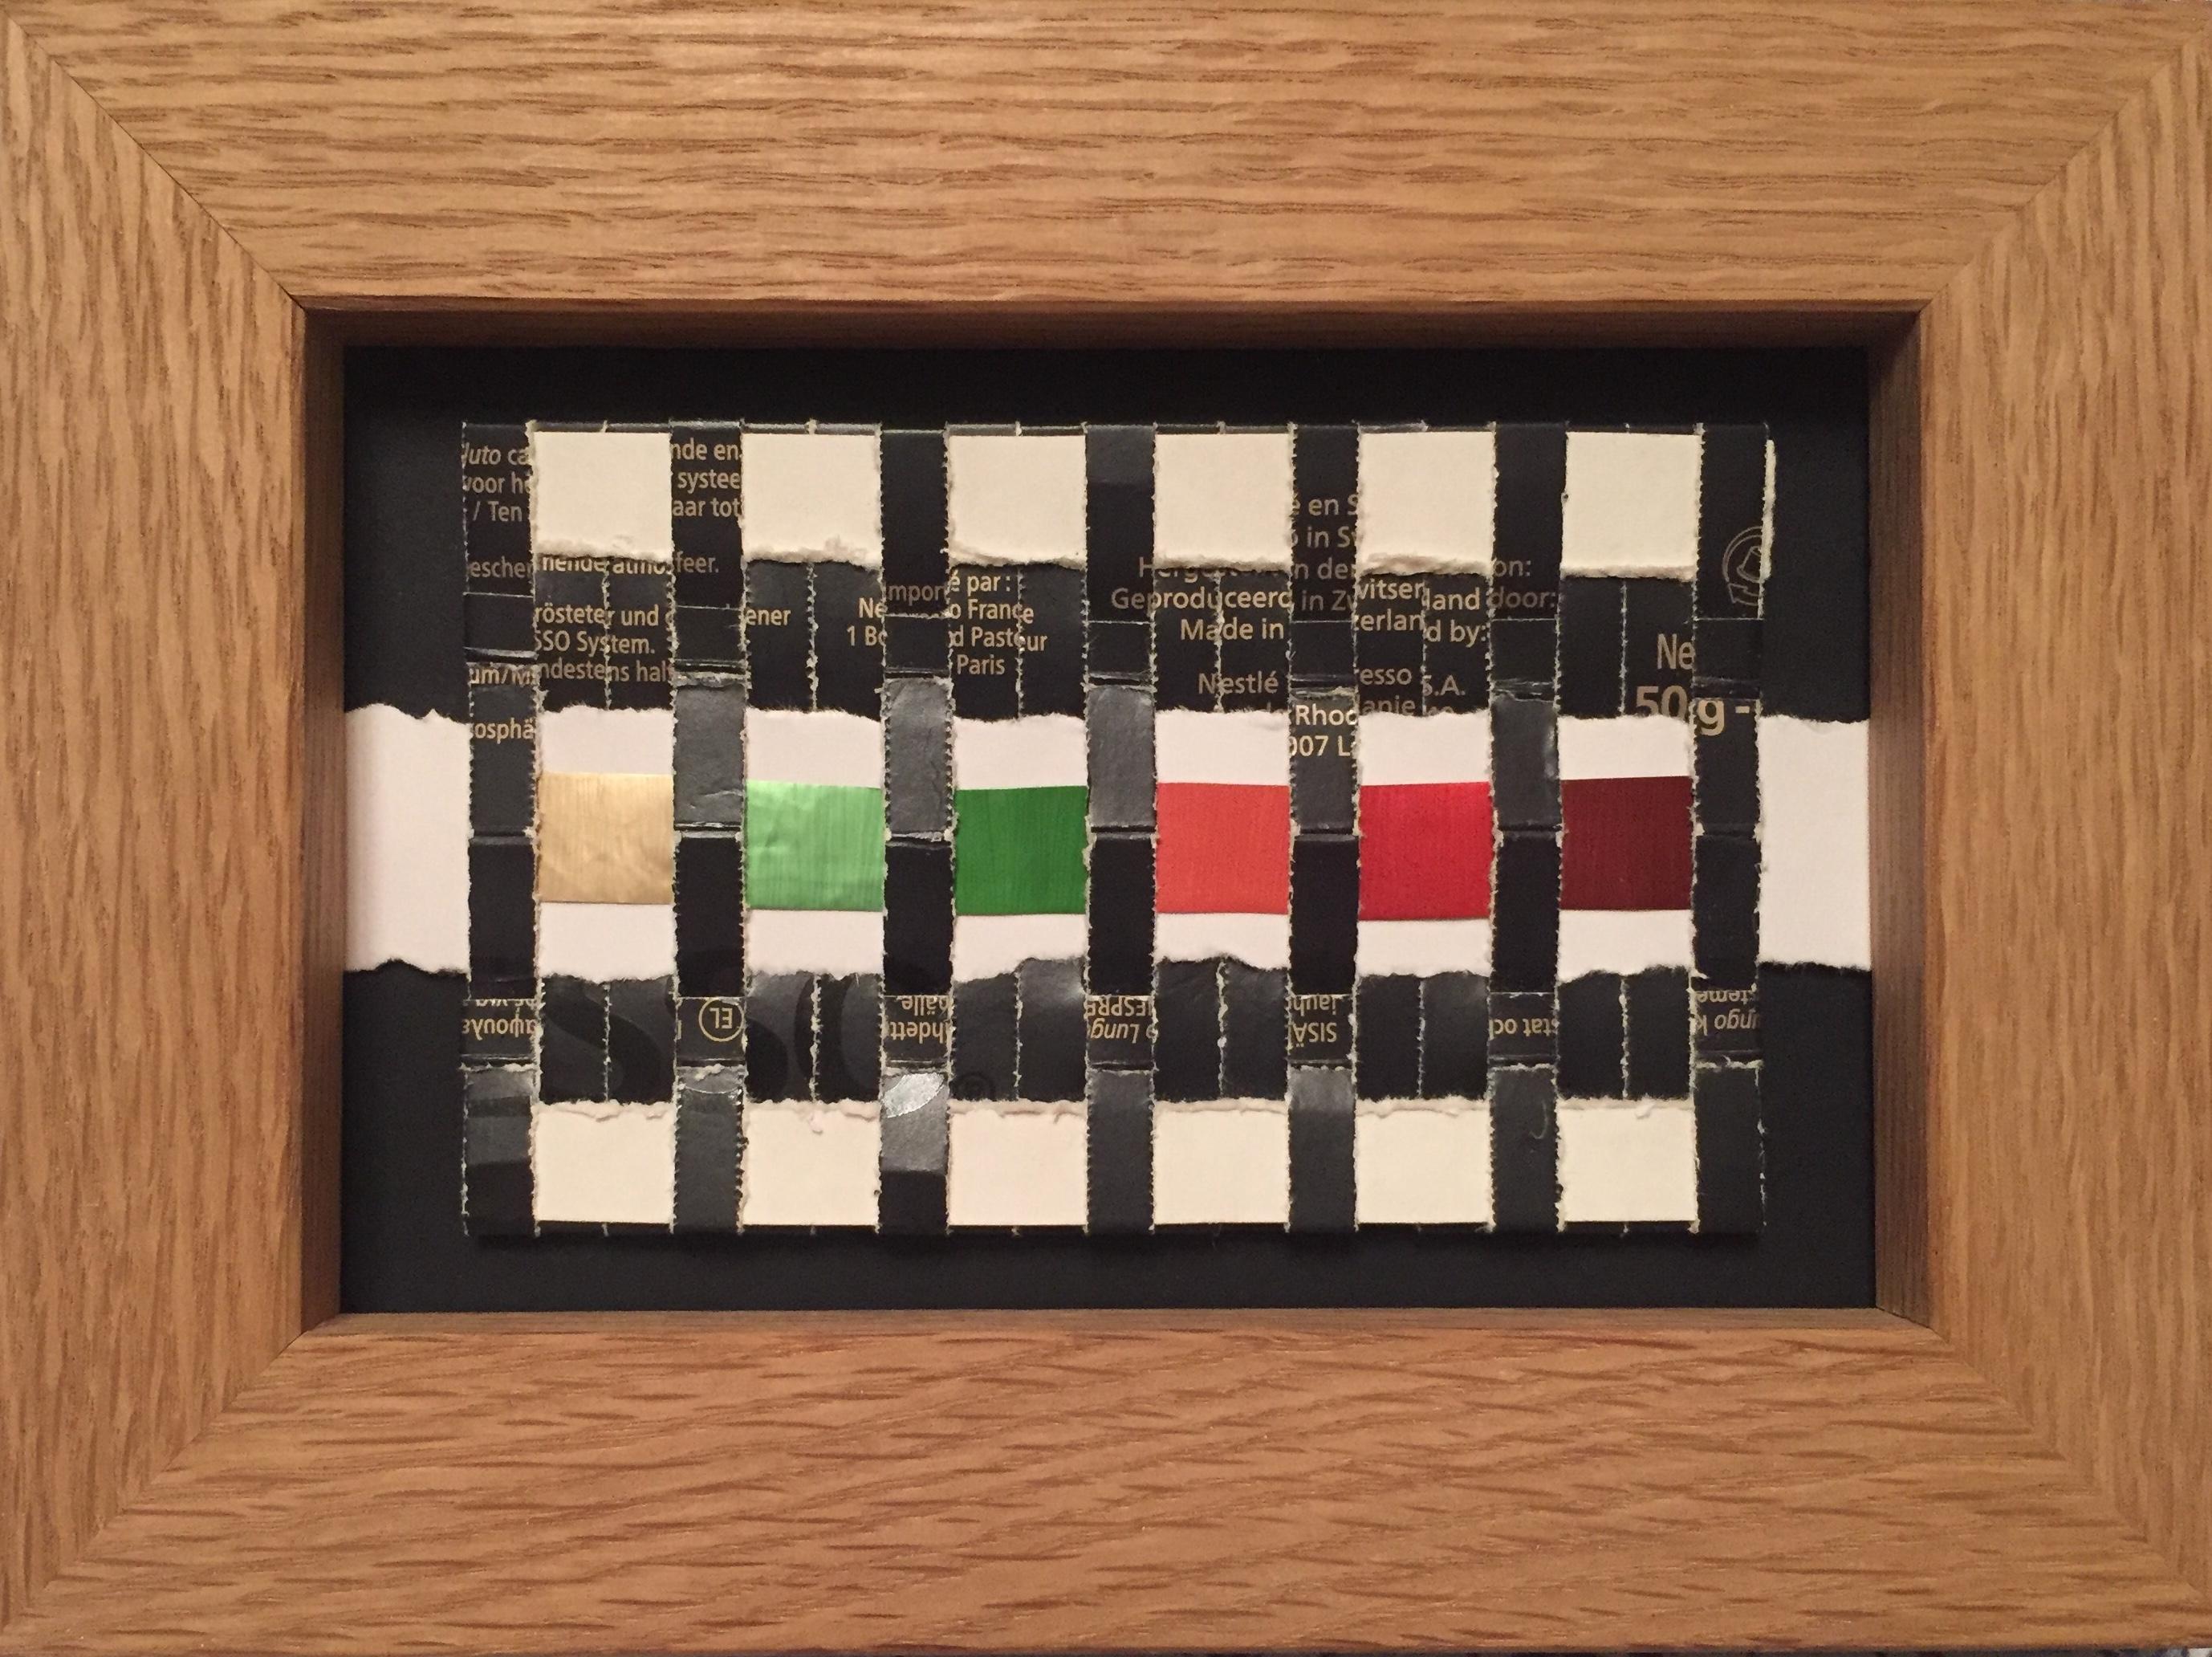 J40 - palette frontale de température